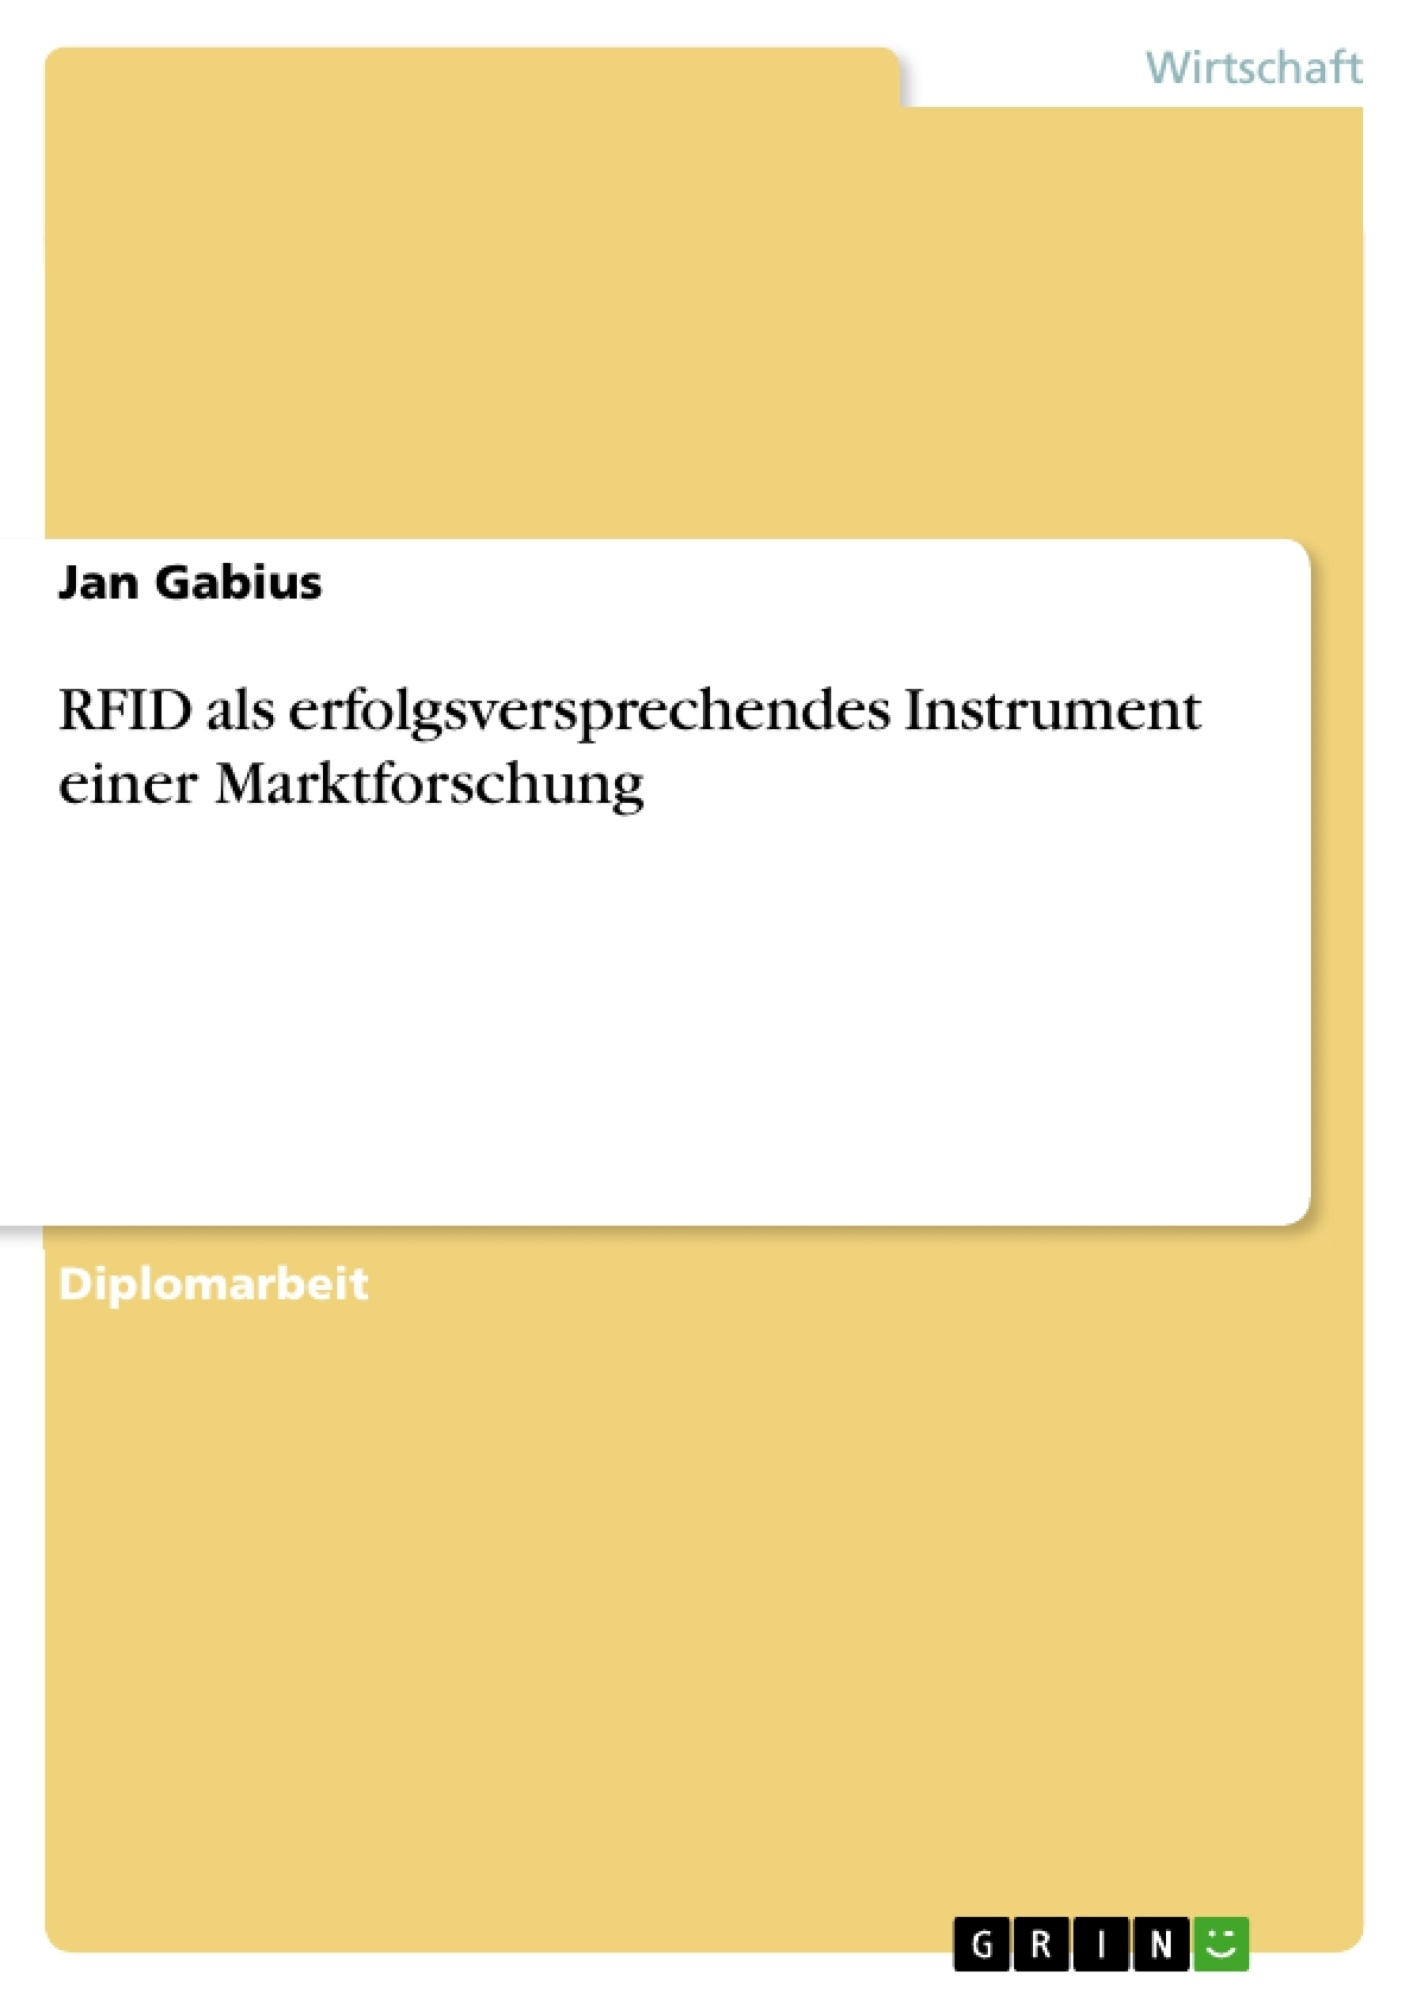 Titel: RFID als erfolgsversprechendes Instrument einer Marktforschung